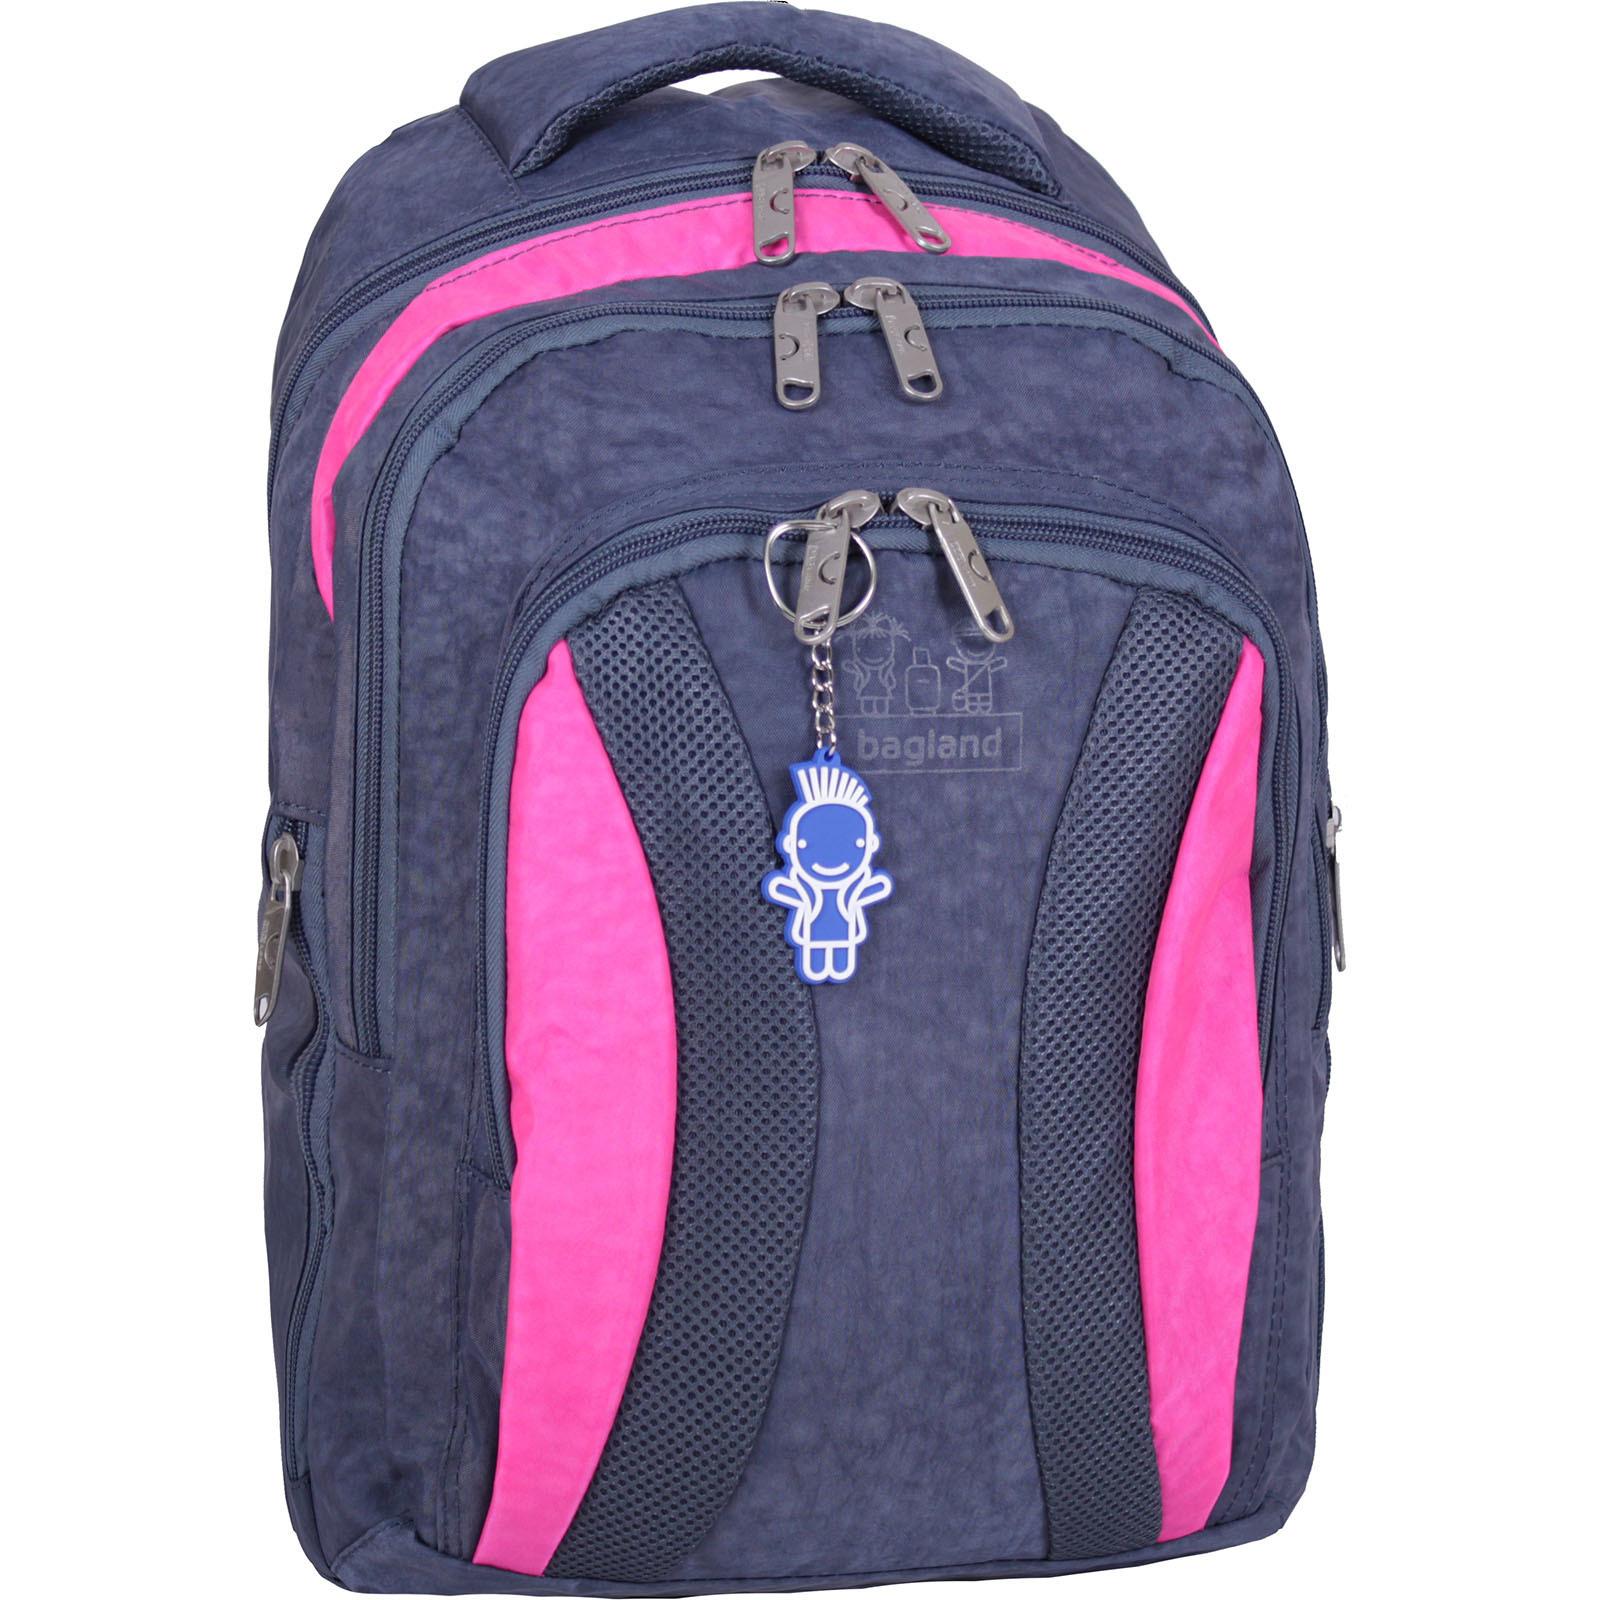 Городские рюкзаки Рюкзак Bagland Драйв 29 л. Серый / розовый (0018970) IMG_2154.JPG